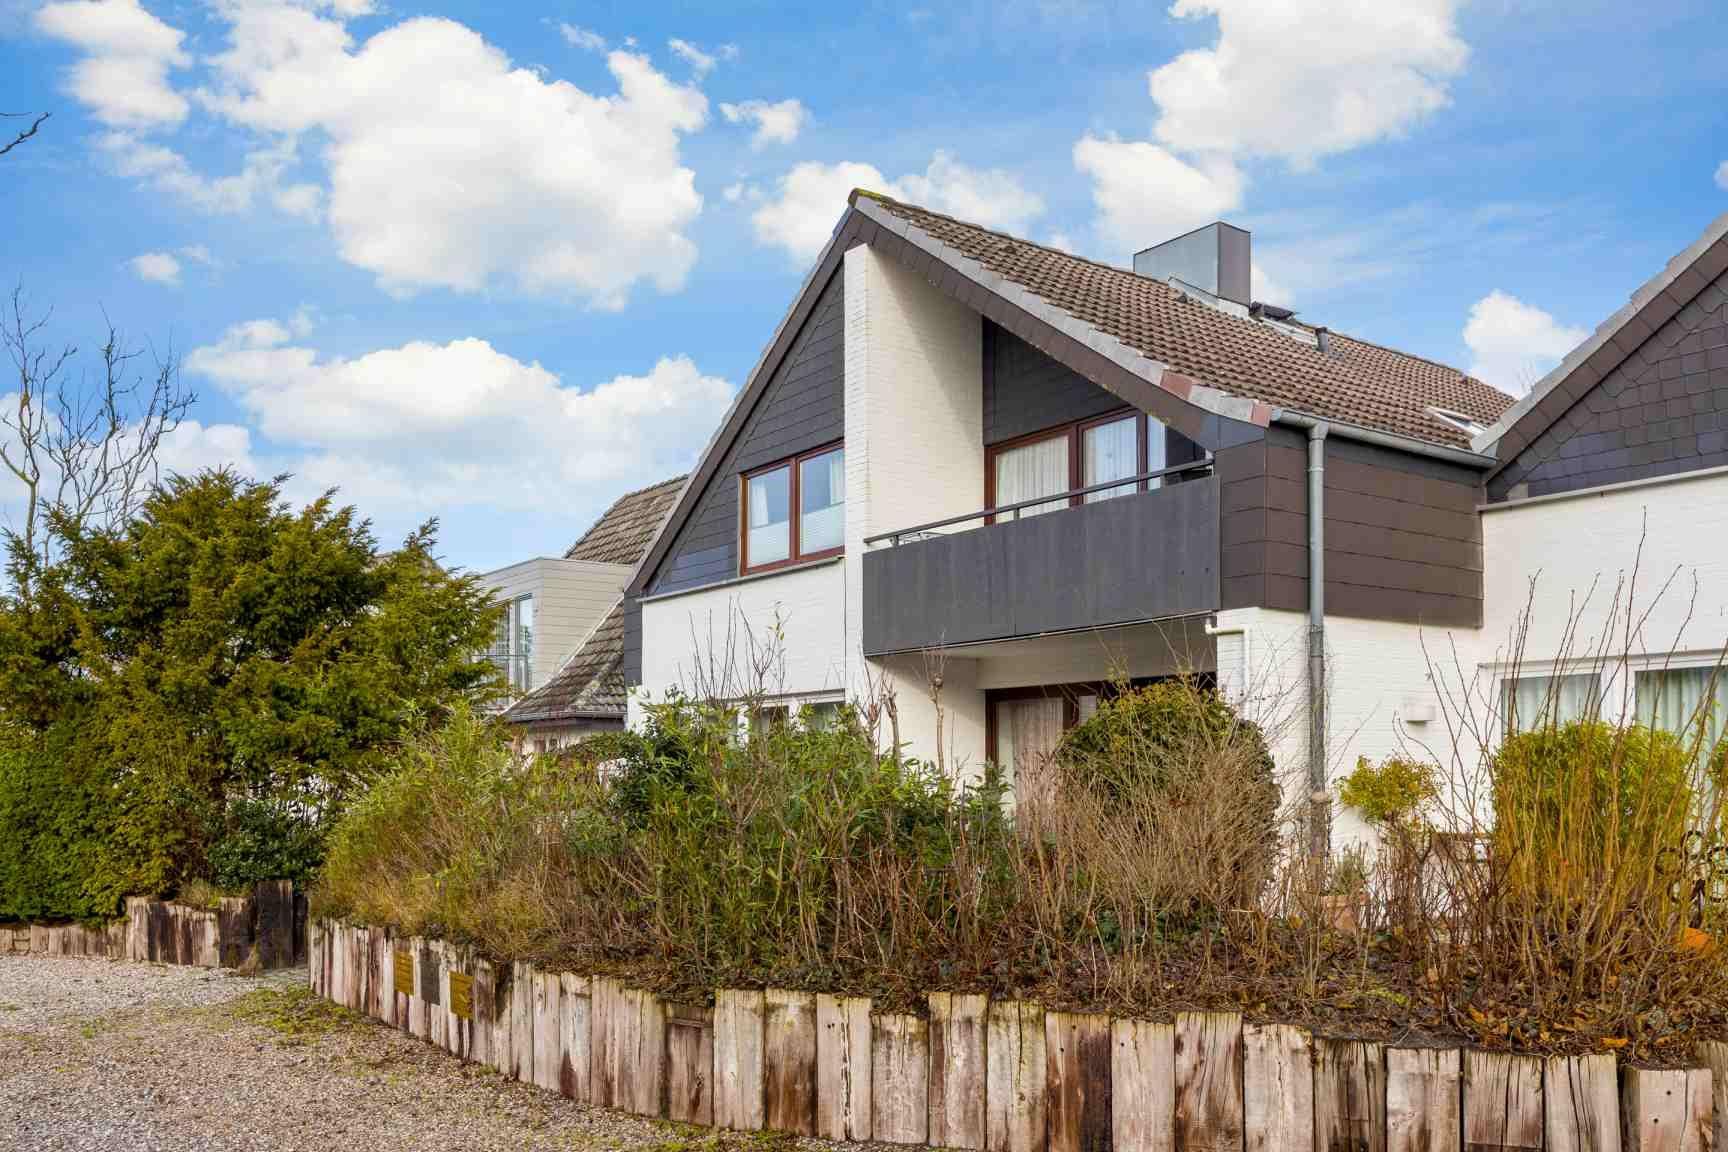 """Aussenansicht - St Peter Ording Dorf, Ferienhaus Groener Weg 9, Hausteil 3 """"Hartmann"""""""